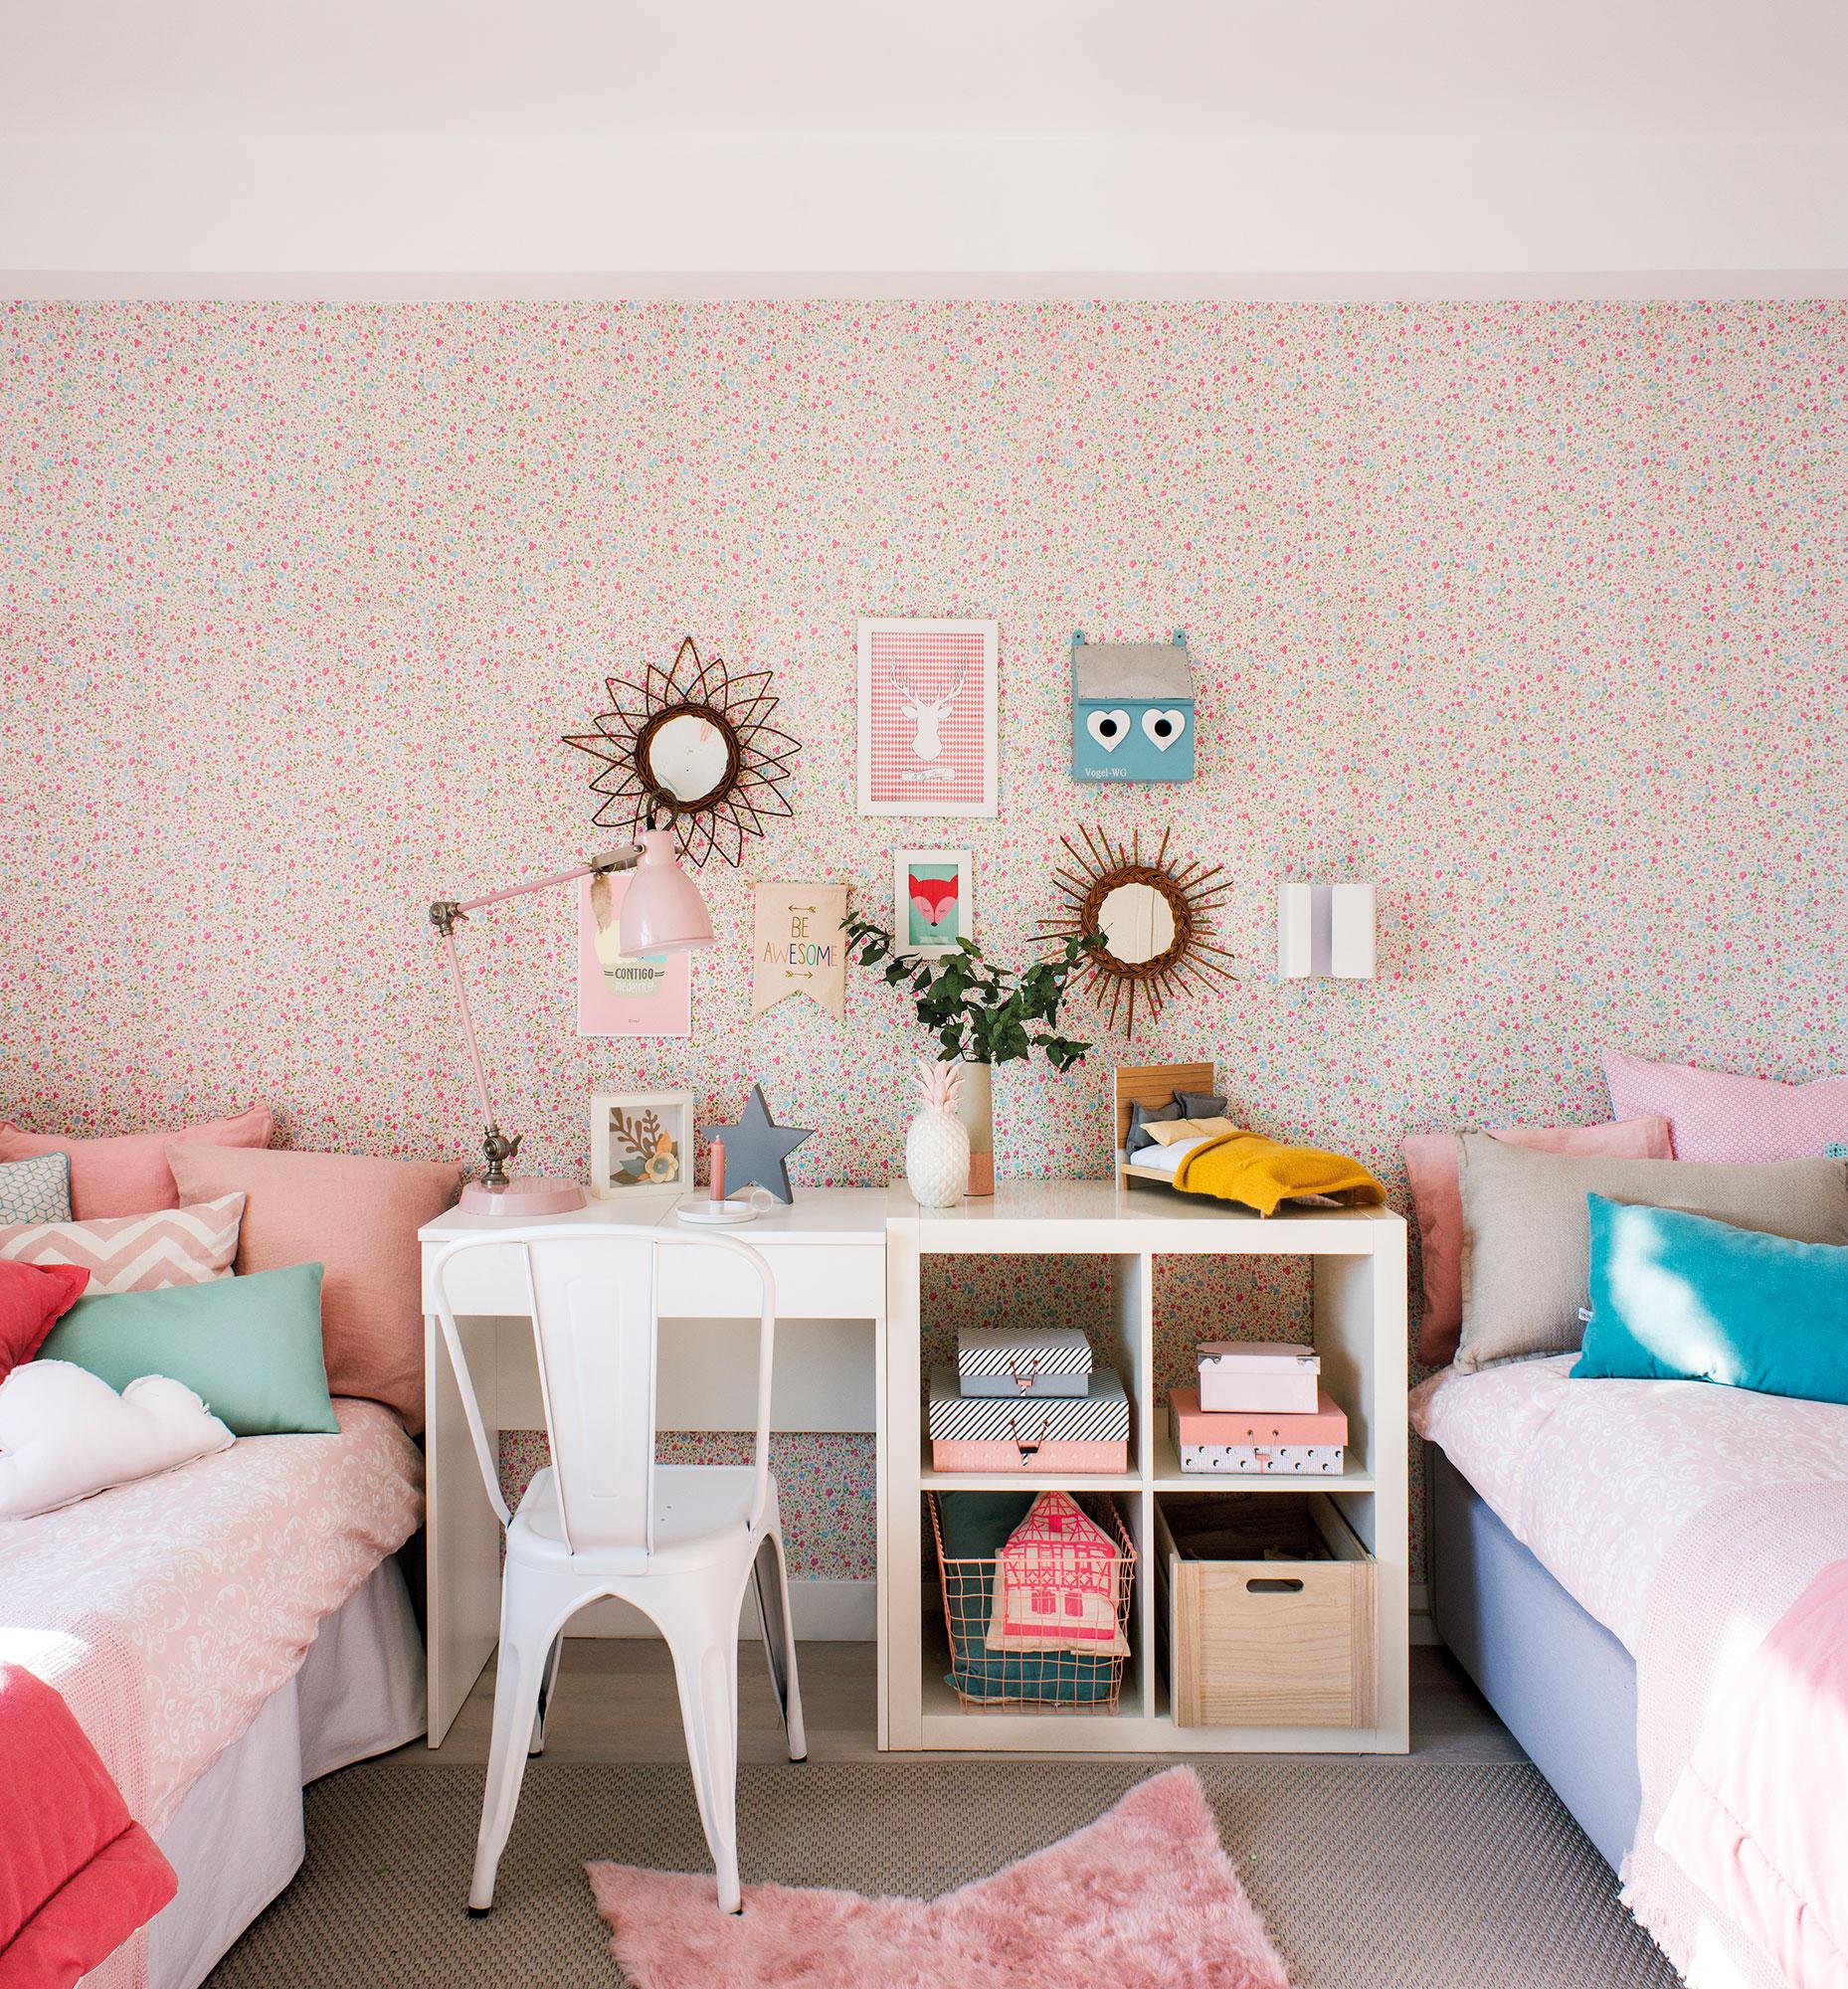 Decora La Habitaci N Infantil Con Papel Pintado ~ Decorar Muebles Con Papel Pintado